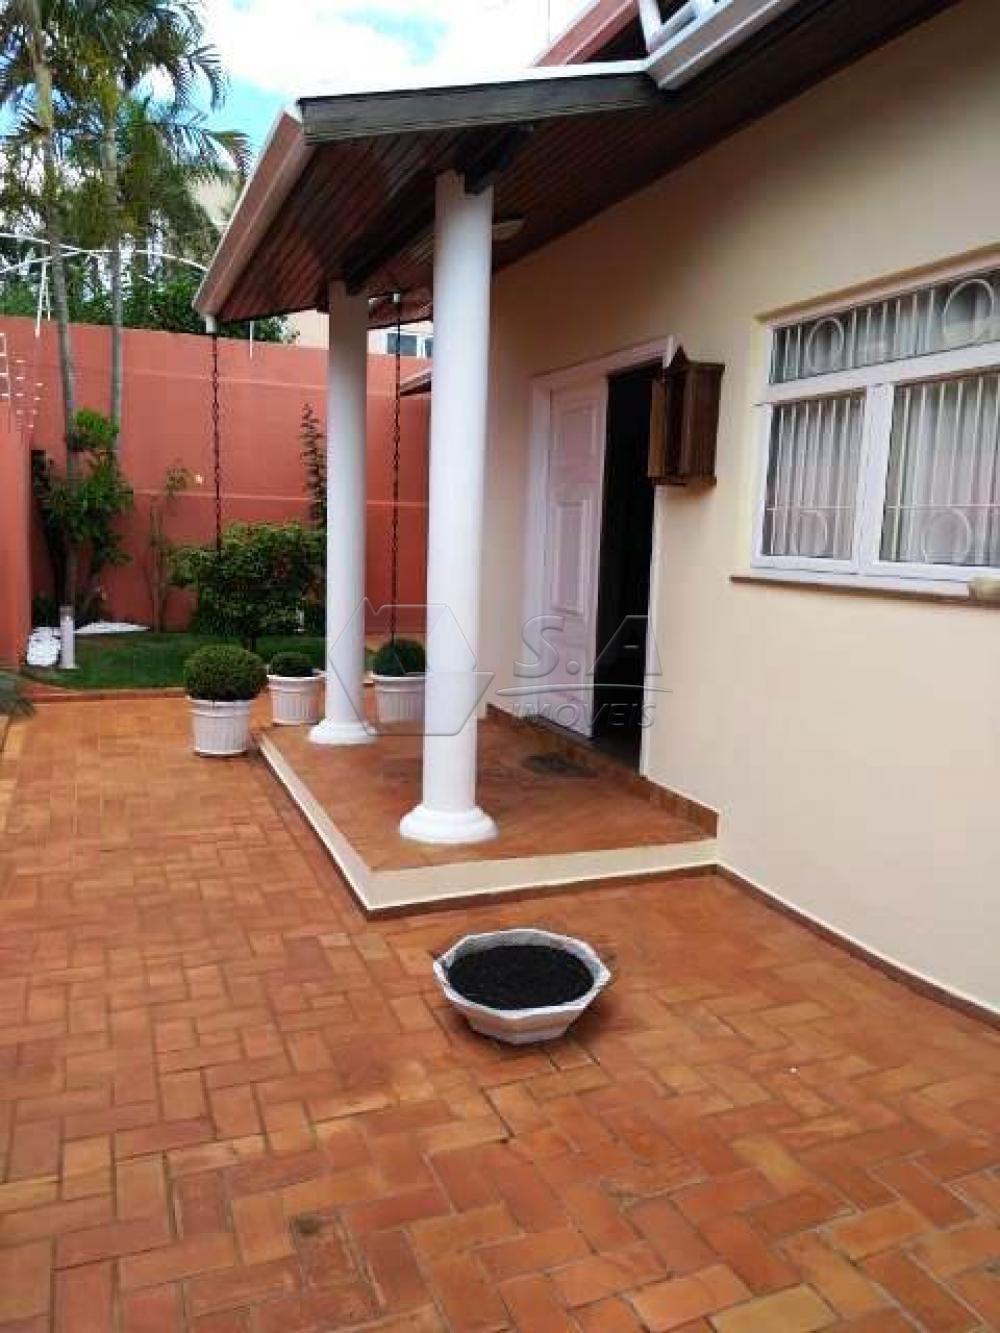 Comprar Casa / Padrão em Botucatu apenas R$ 700.000,00 - Foto 3